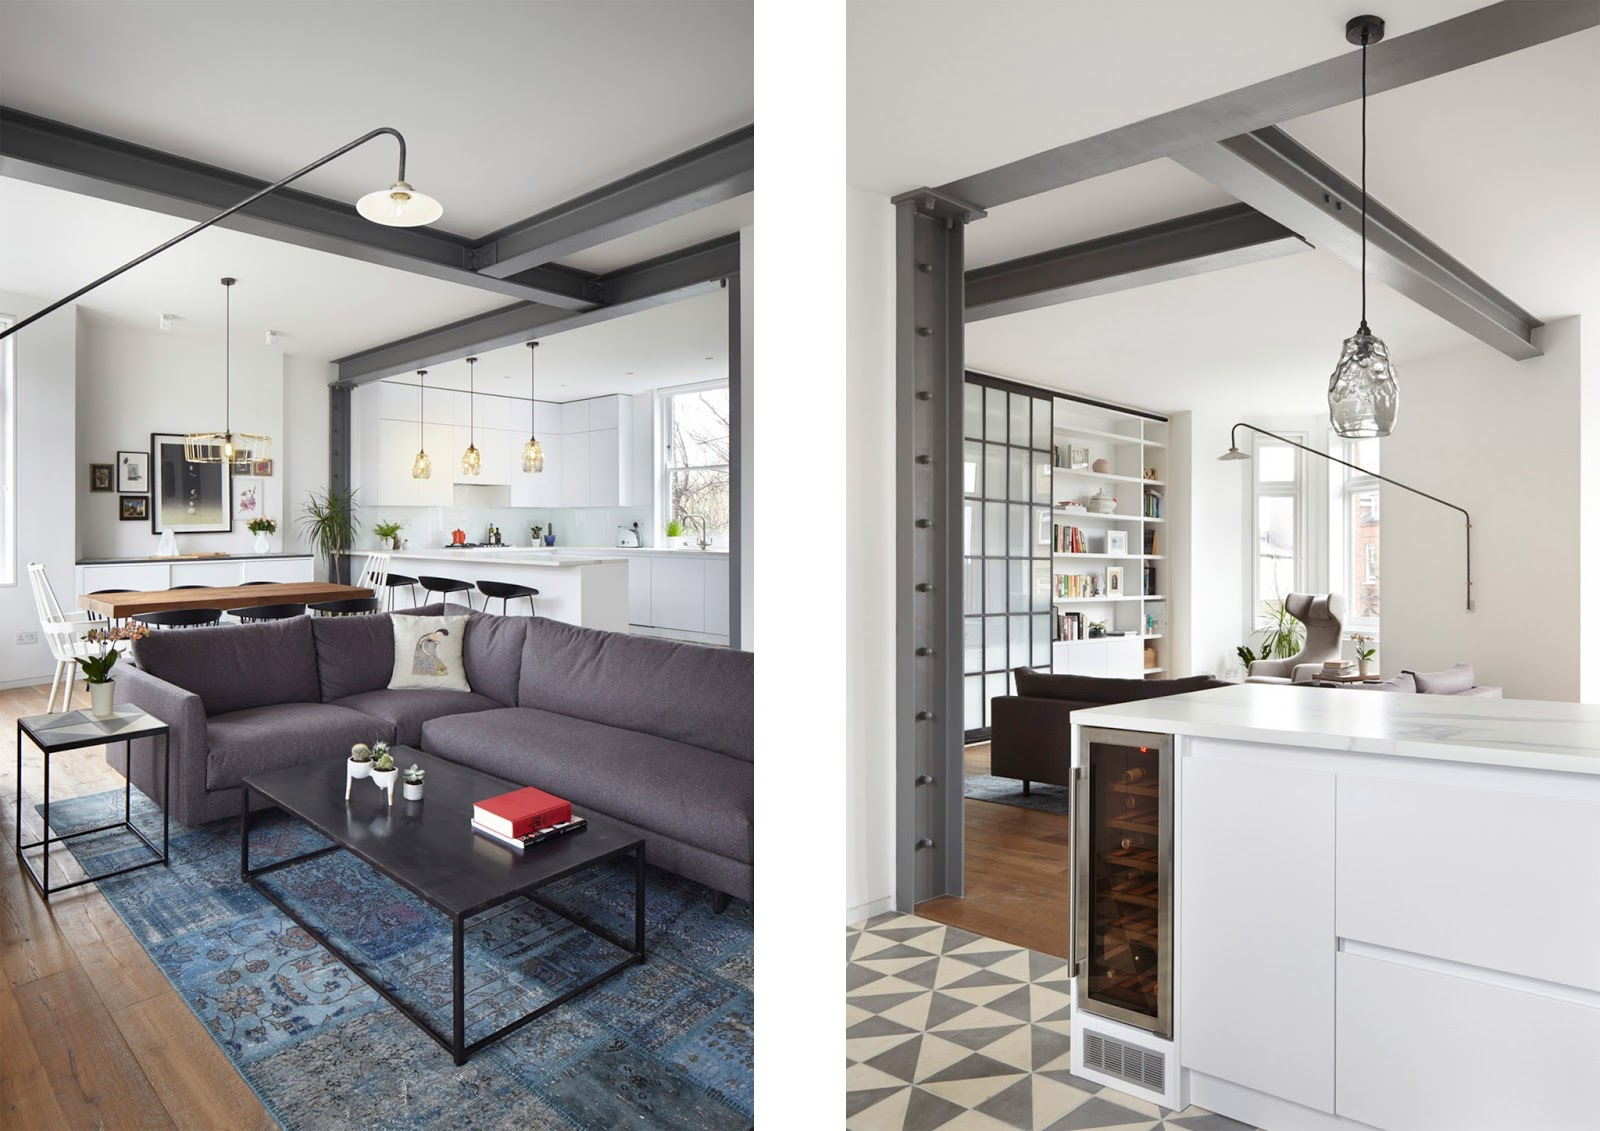 Appartamento In Un Palazzo Del 19° Secolo A Londra By Rise Design  #795E49 1600 1131 Come Arredare Cucina Con Travi A Vista